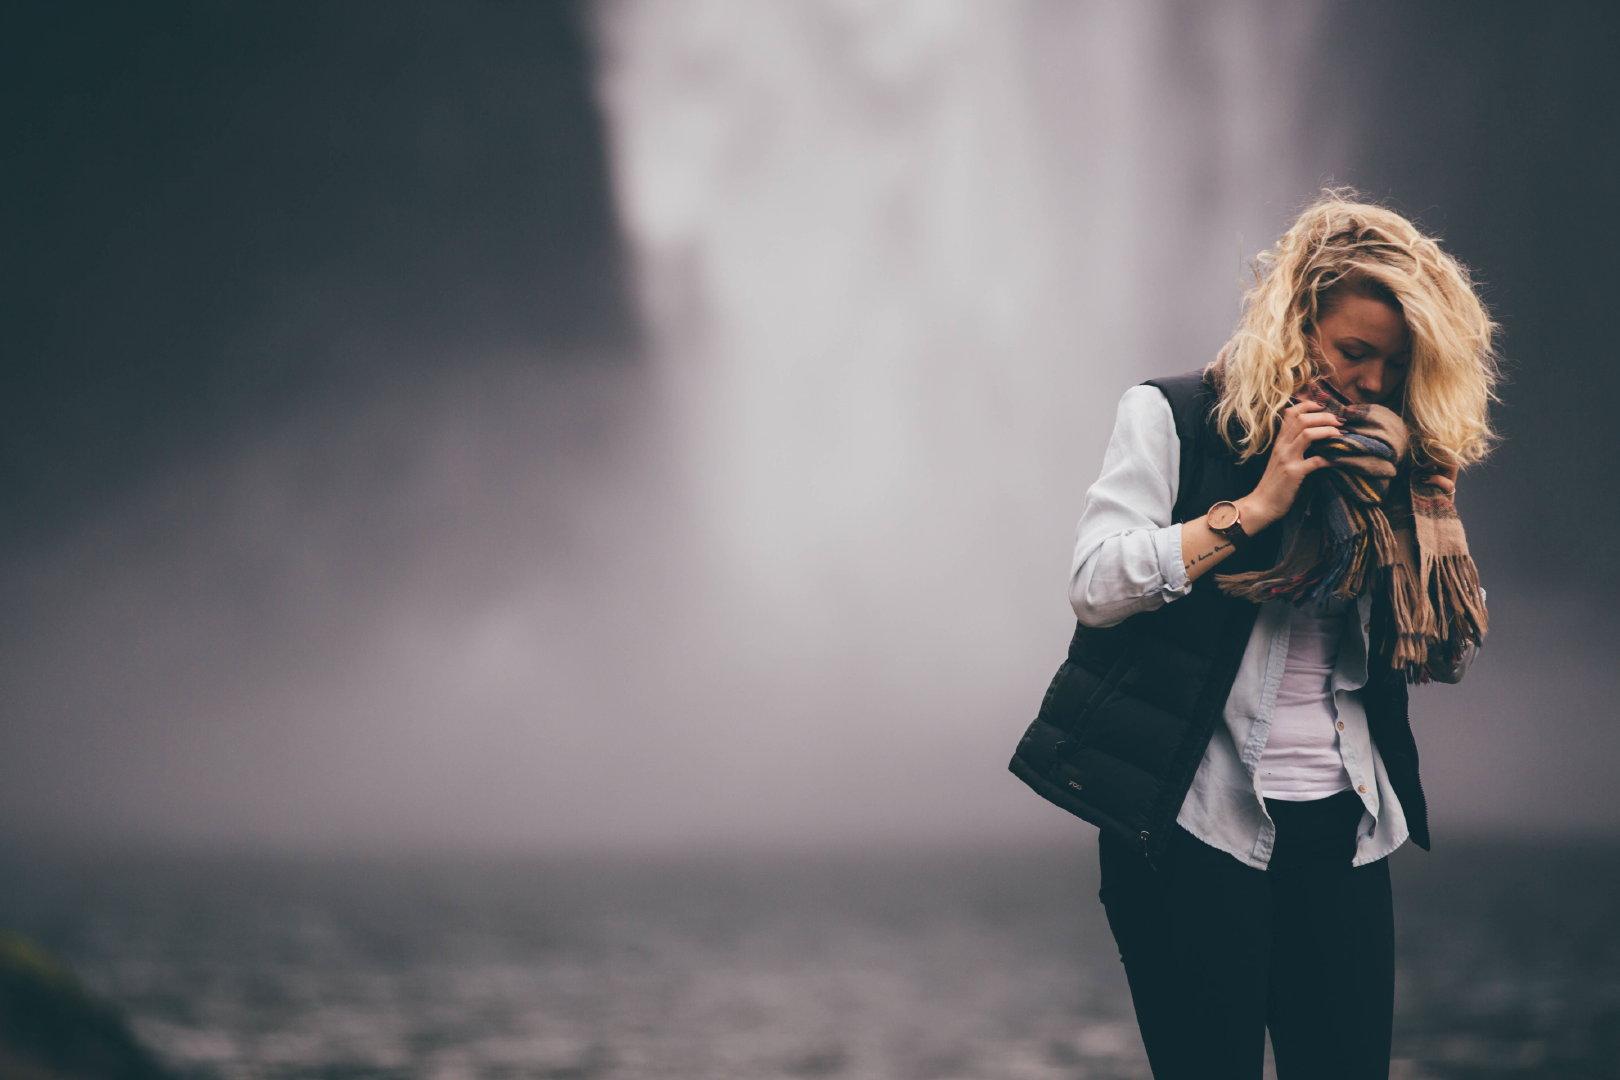 瀑布前美女人体艺术摄影